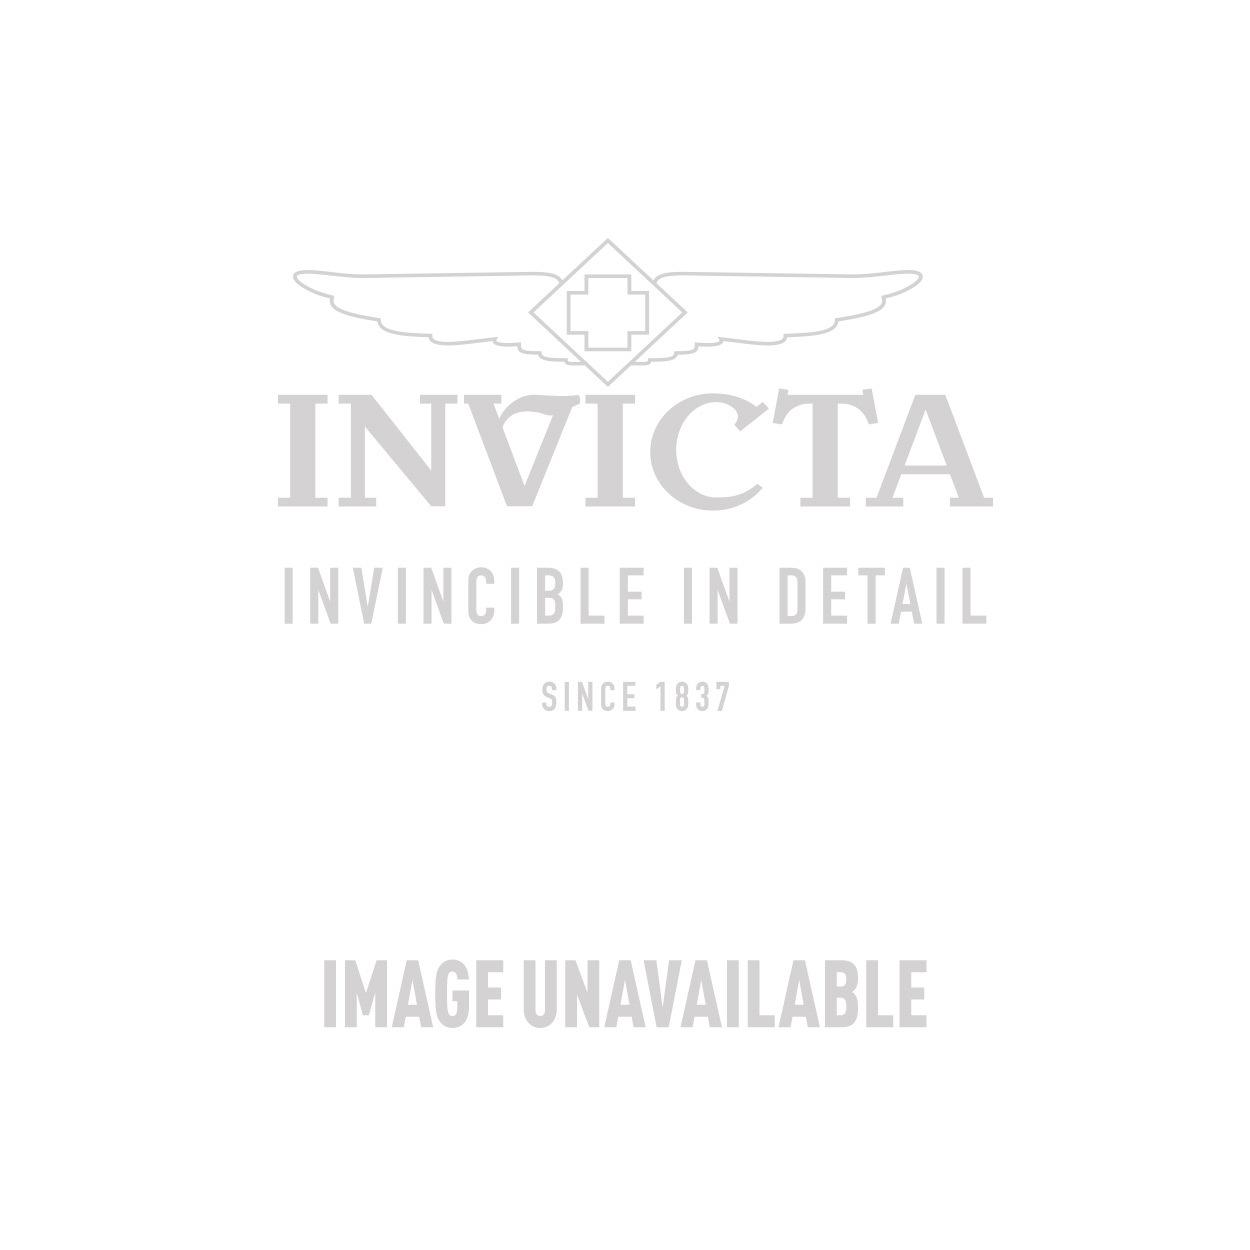 Invicta Model 24878